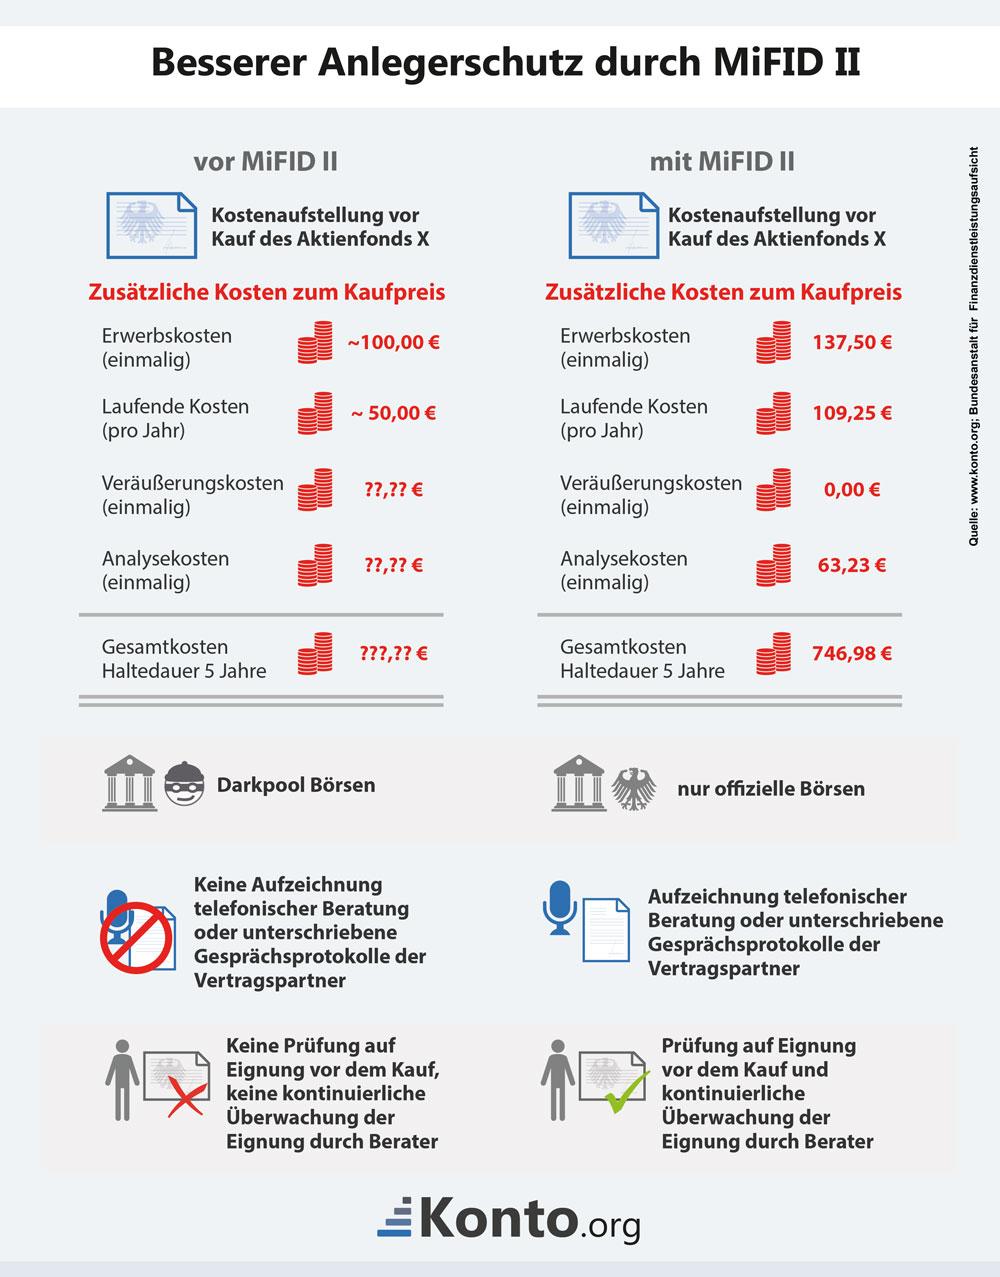 Besserer Anlegerschutz durch MiFID II